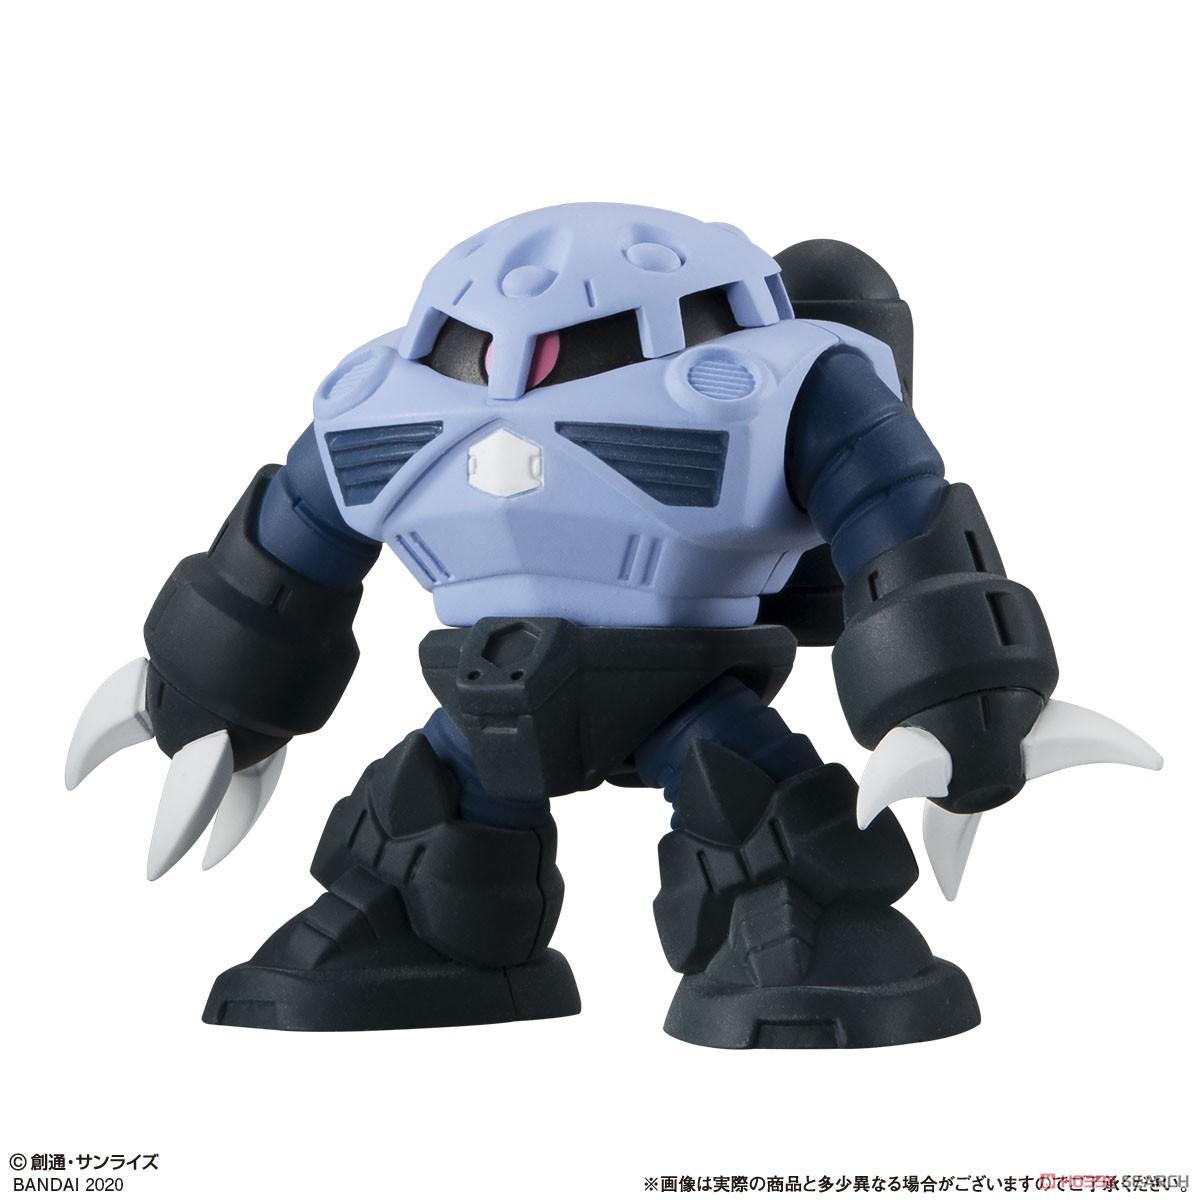 機動戦士ガンダム『ガシャポン戦士フォルテ11』12個入りBOX-005